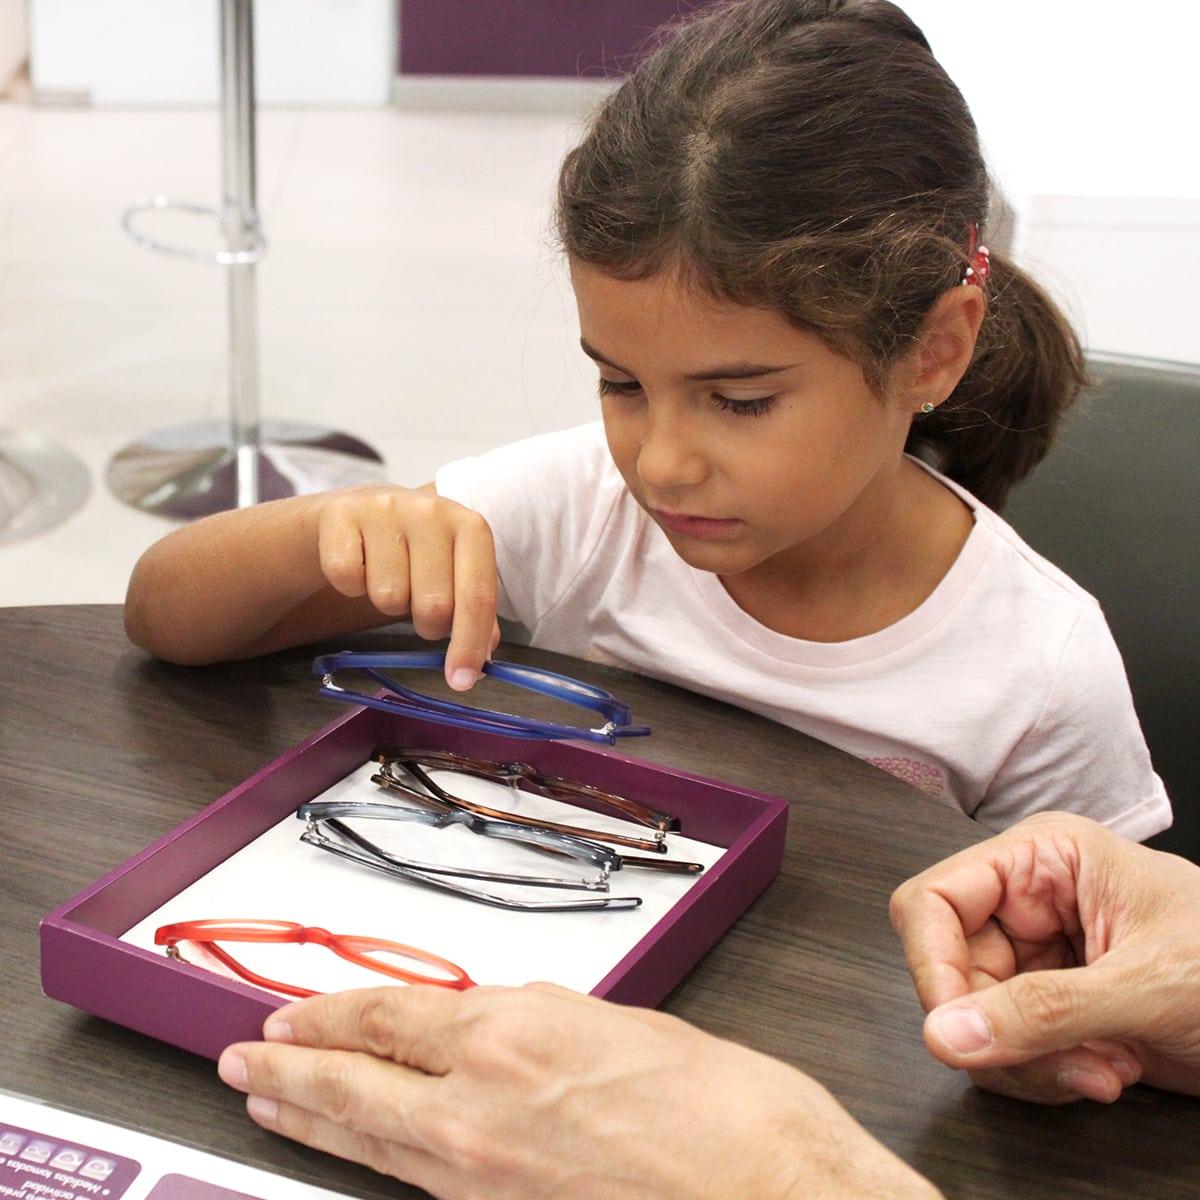 2afde011c8 ... Afflelou disponemos de una 'Garantía Especial para Niños' por la cual  Alain Afflelou Óptico se compromete a cambiar gratis los cristales de las  gafas de ...